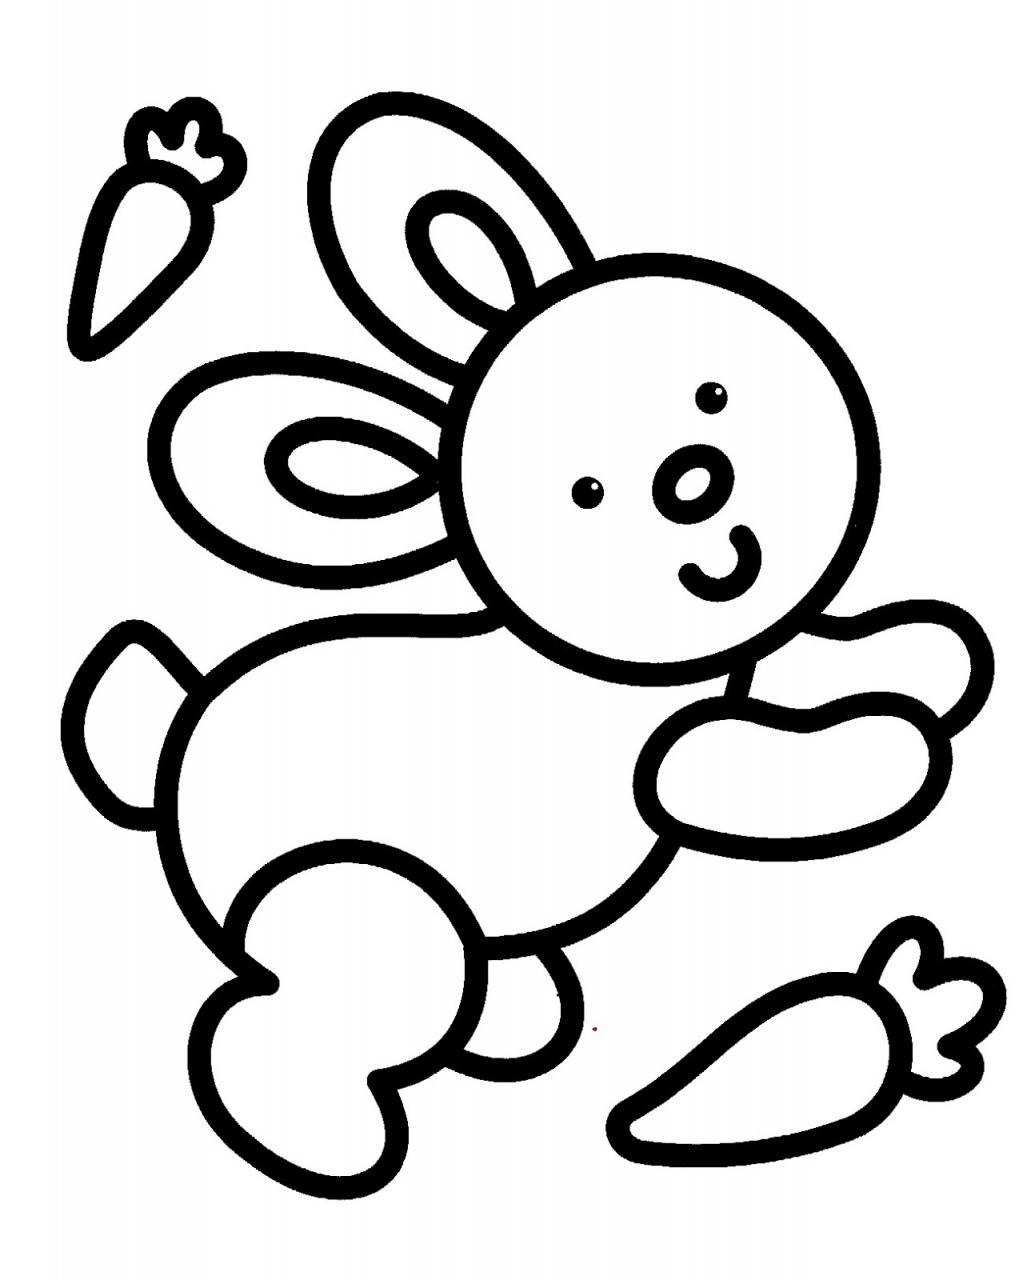 صورة رسومات للتلوين لاطفال الروضة , احلي رسومات تلوين للاطفال الصغار